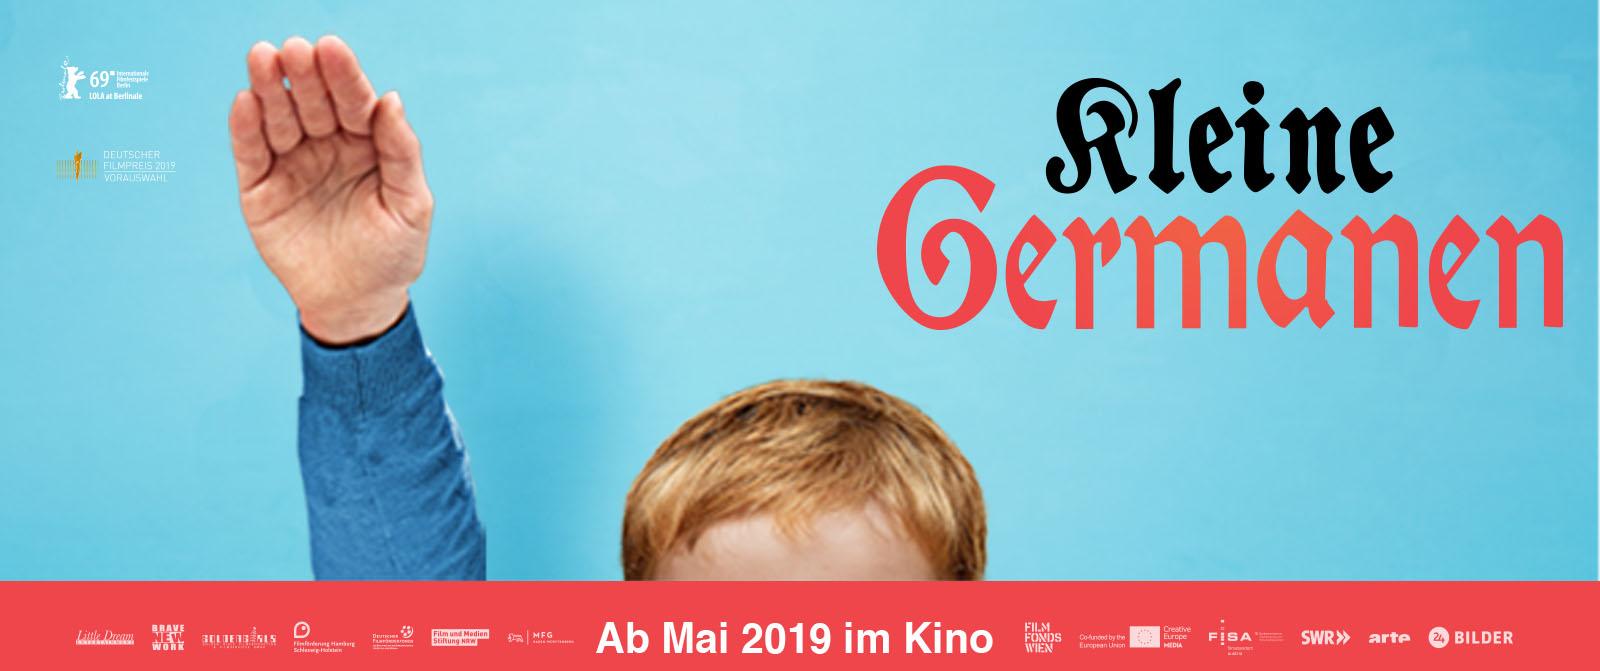 Filmposter Kleine Germanen